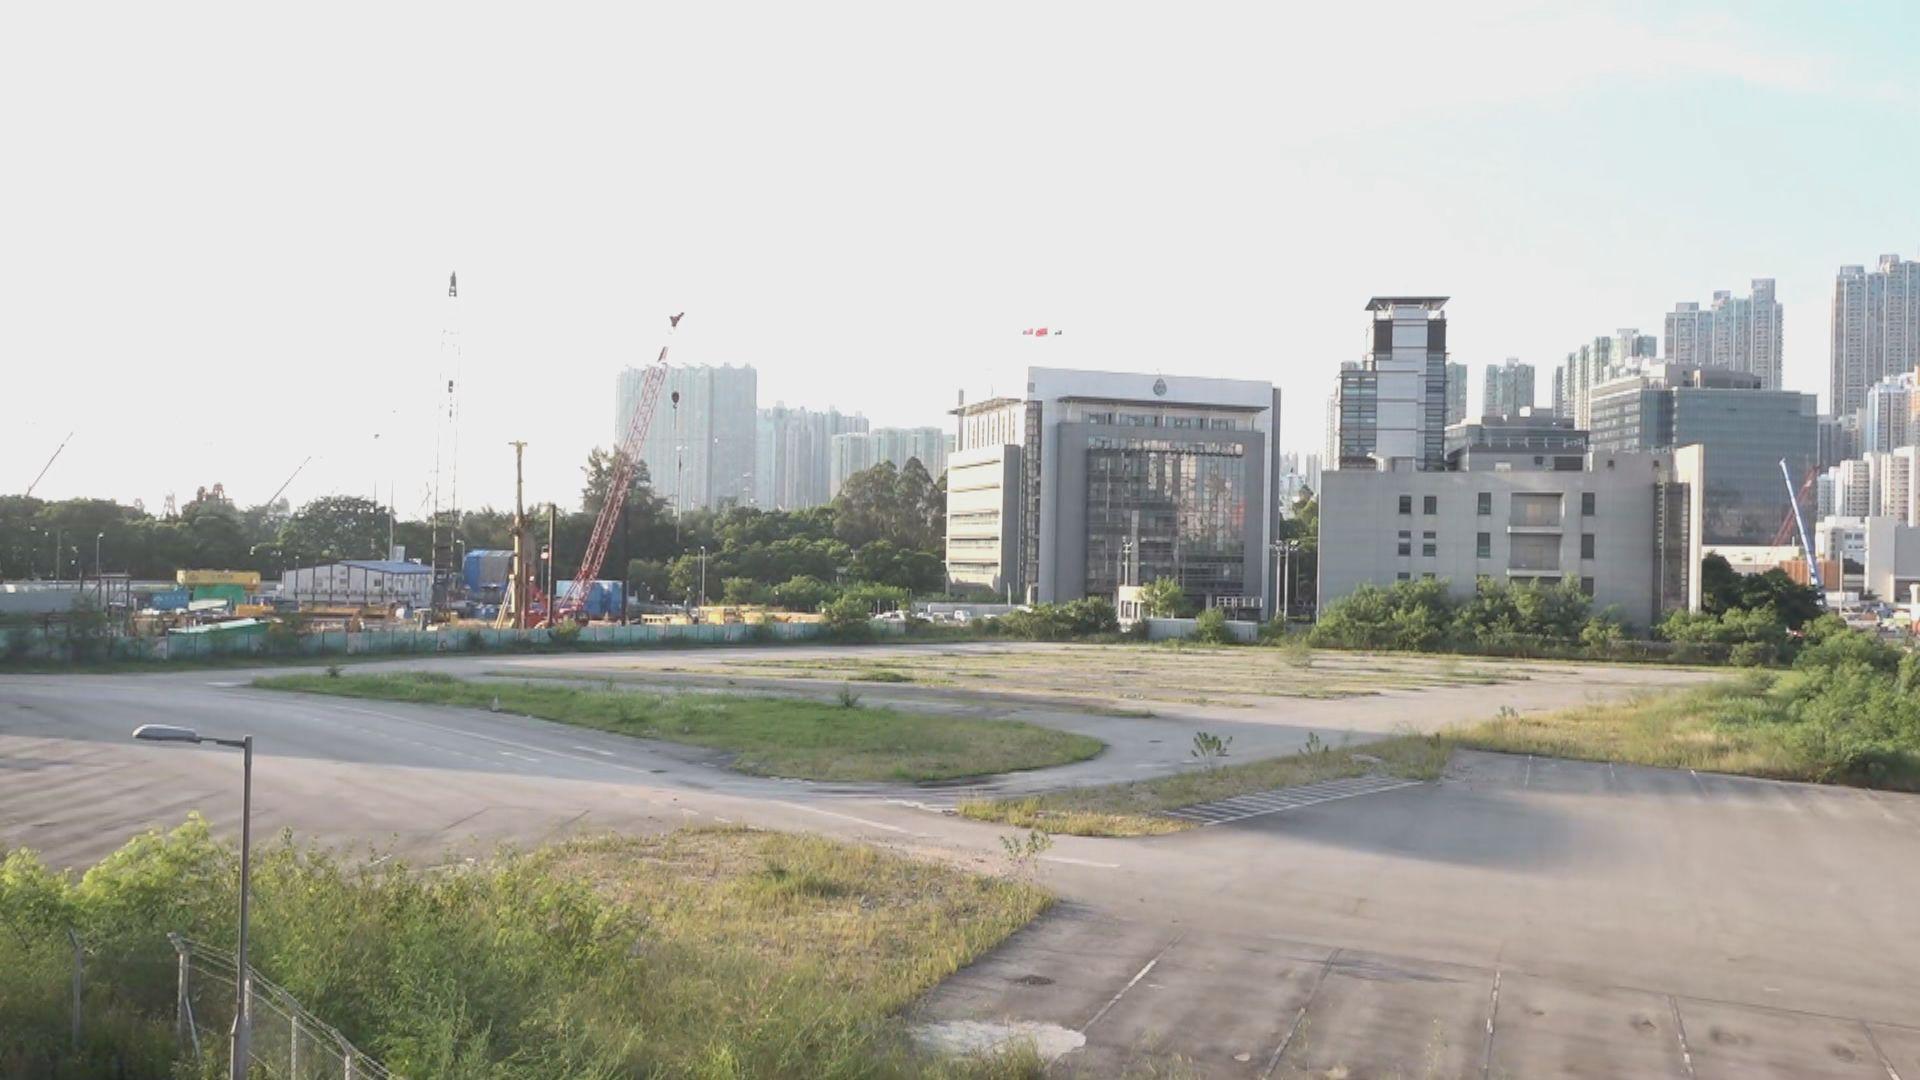 九龍至奧運站鐵路沉降超標 港鐵指鐵路安全及營運不受影響